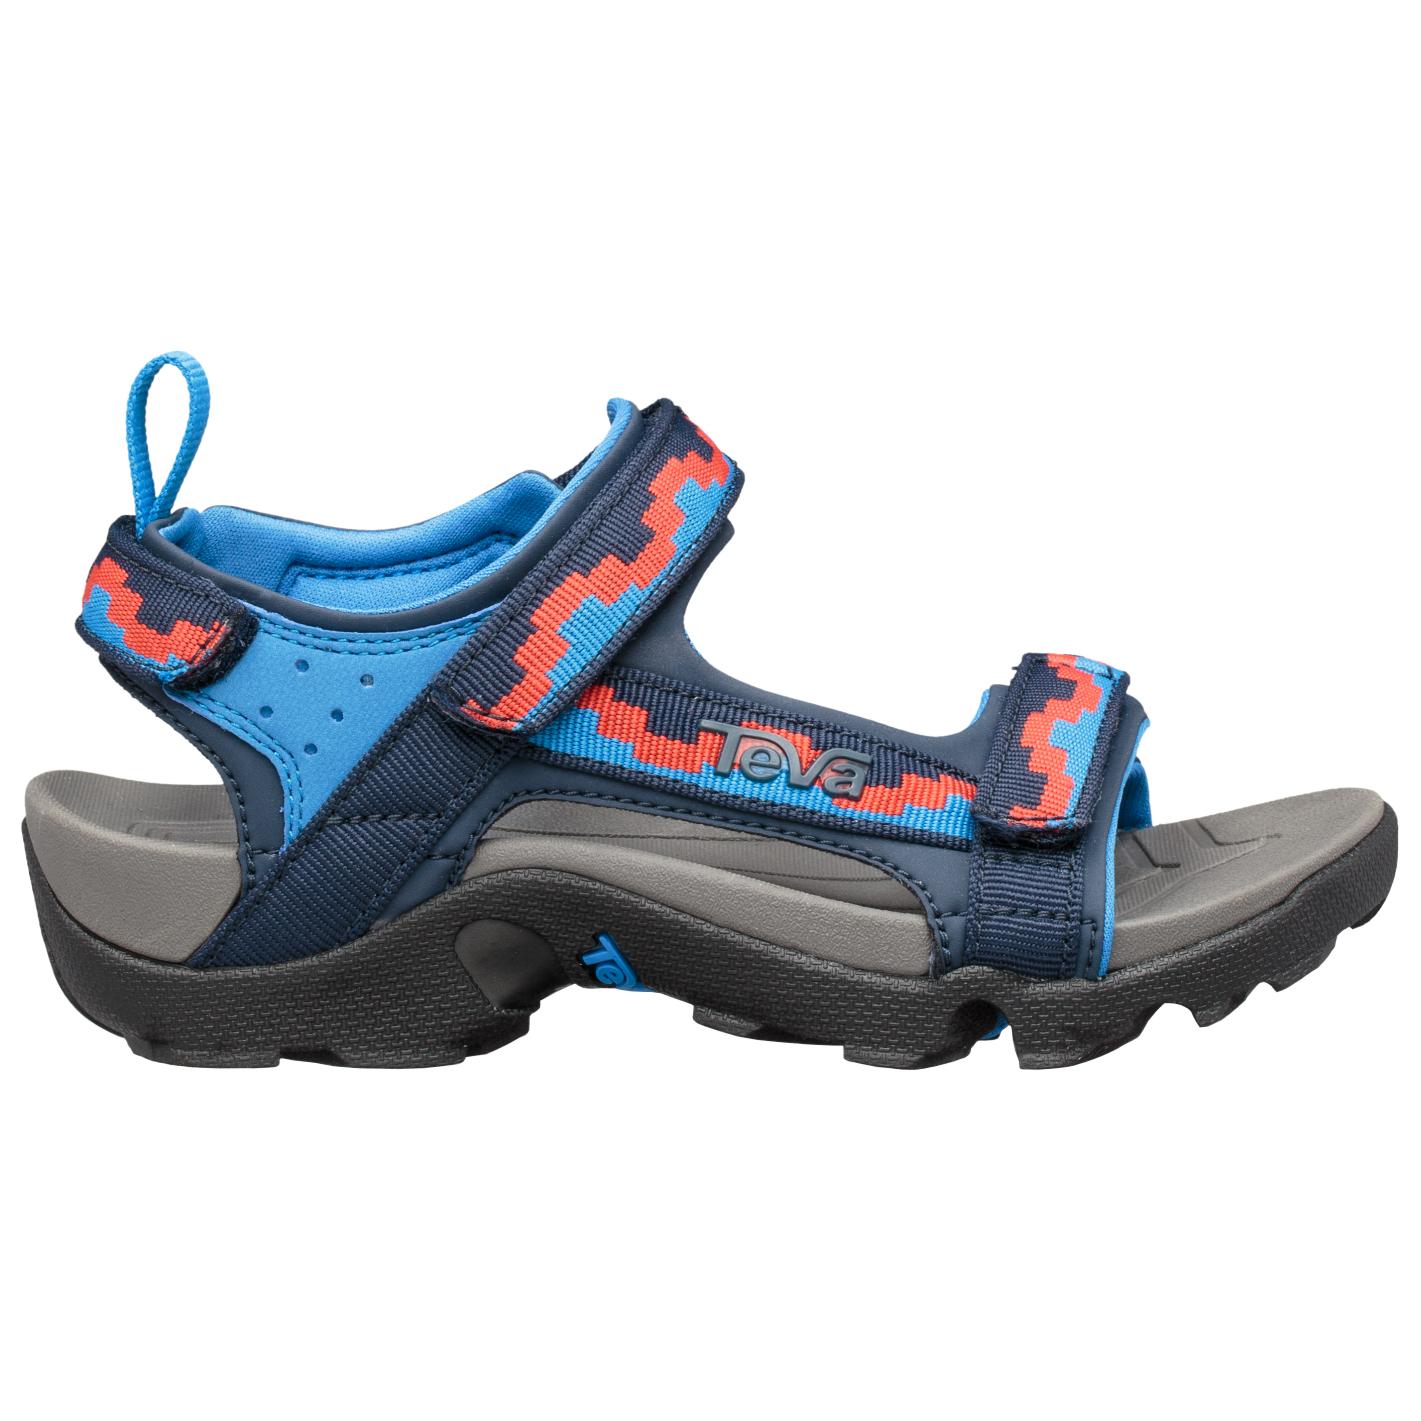 Teva Tanza - Sandals Kids | Buy online